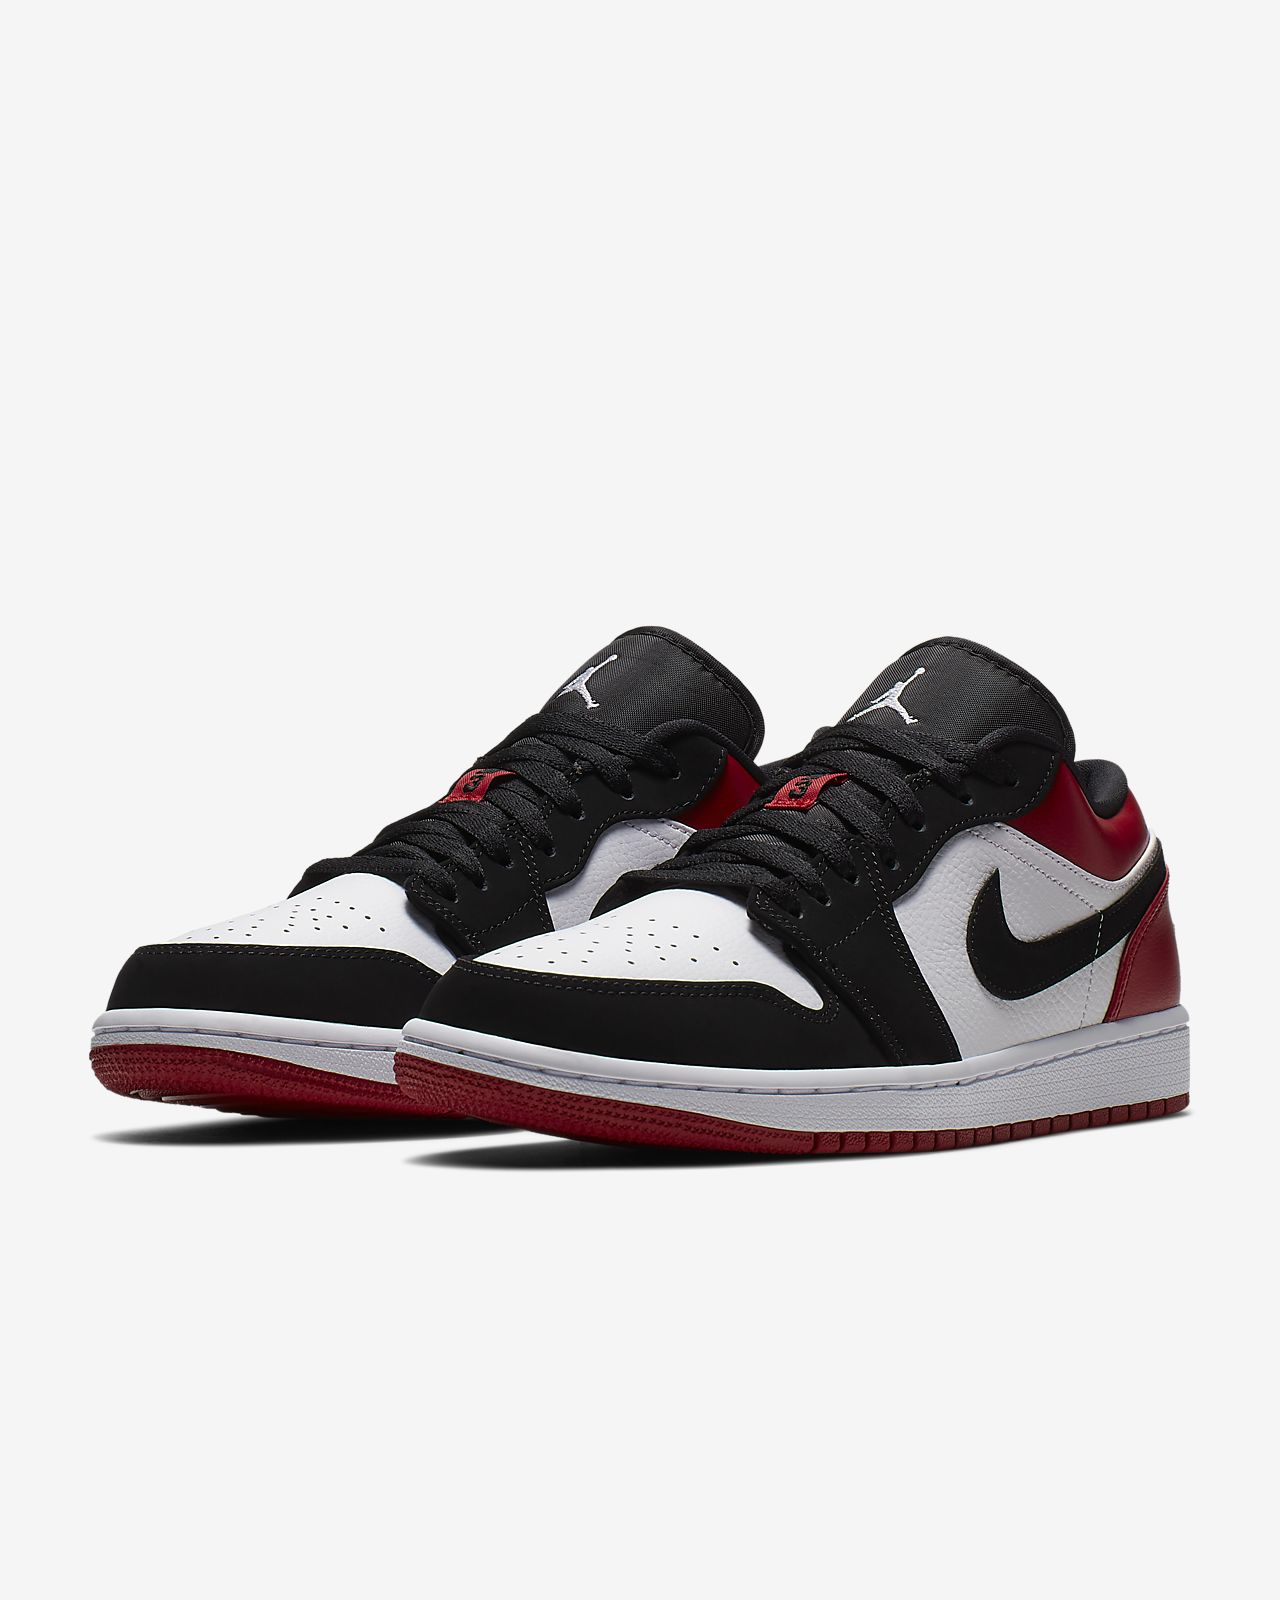 Air Jordan 1 Low Men's Shoe